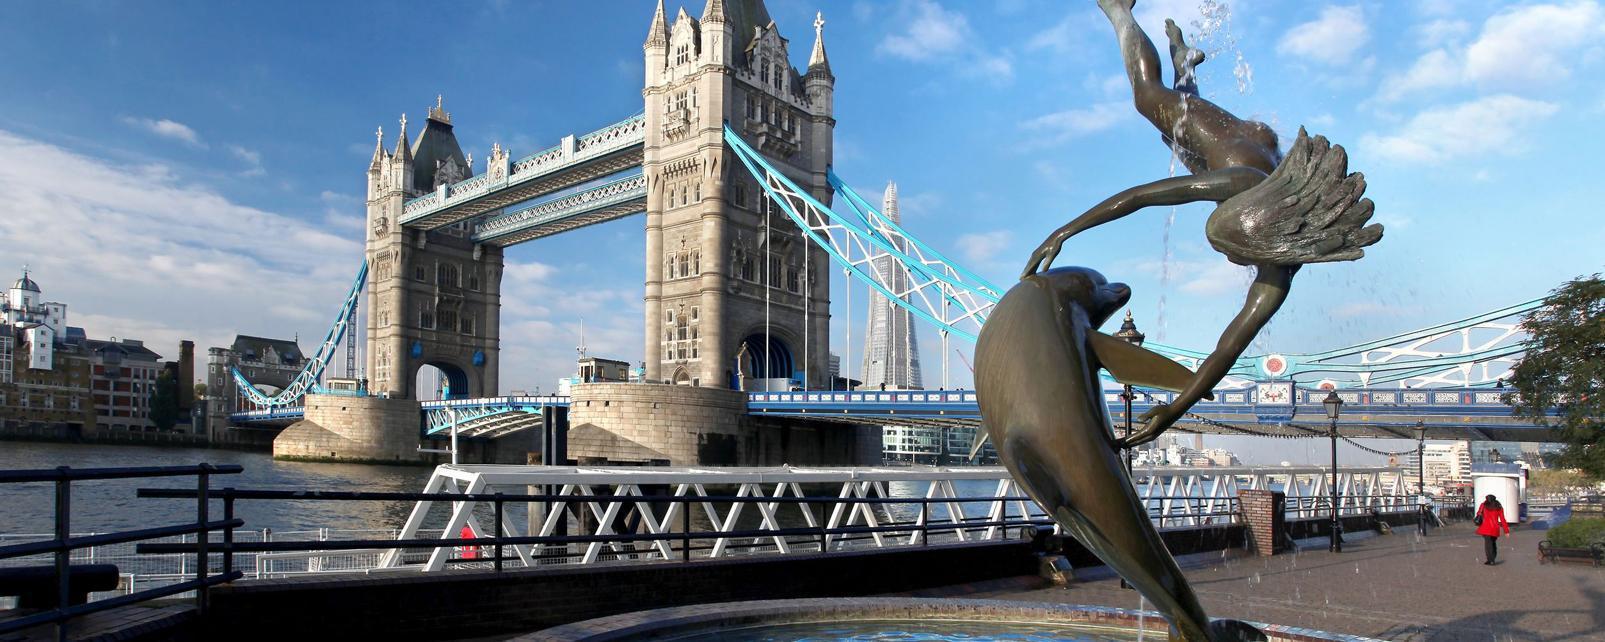 Appart hôtel Londres : comment faire la réservation ?